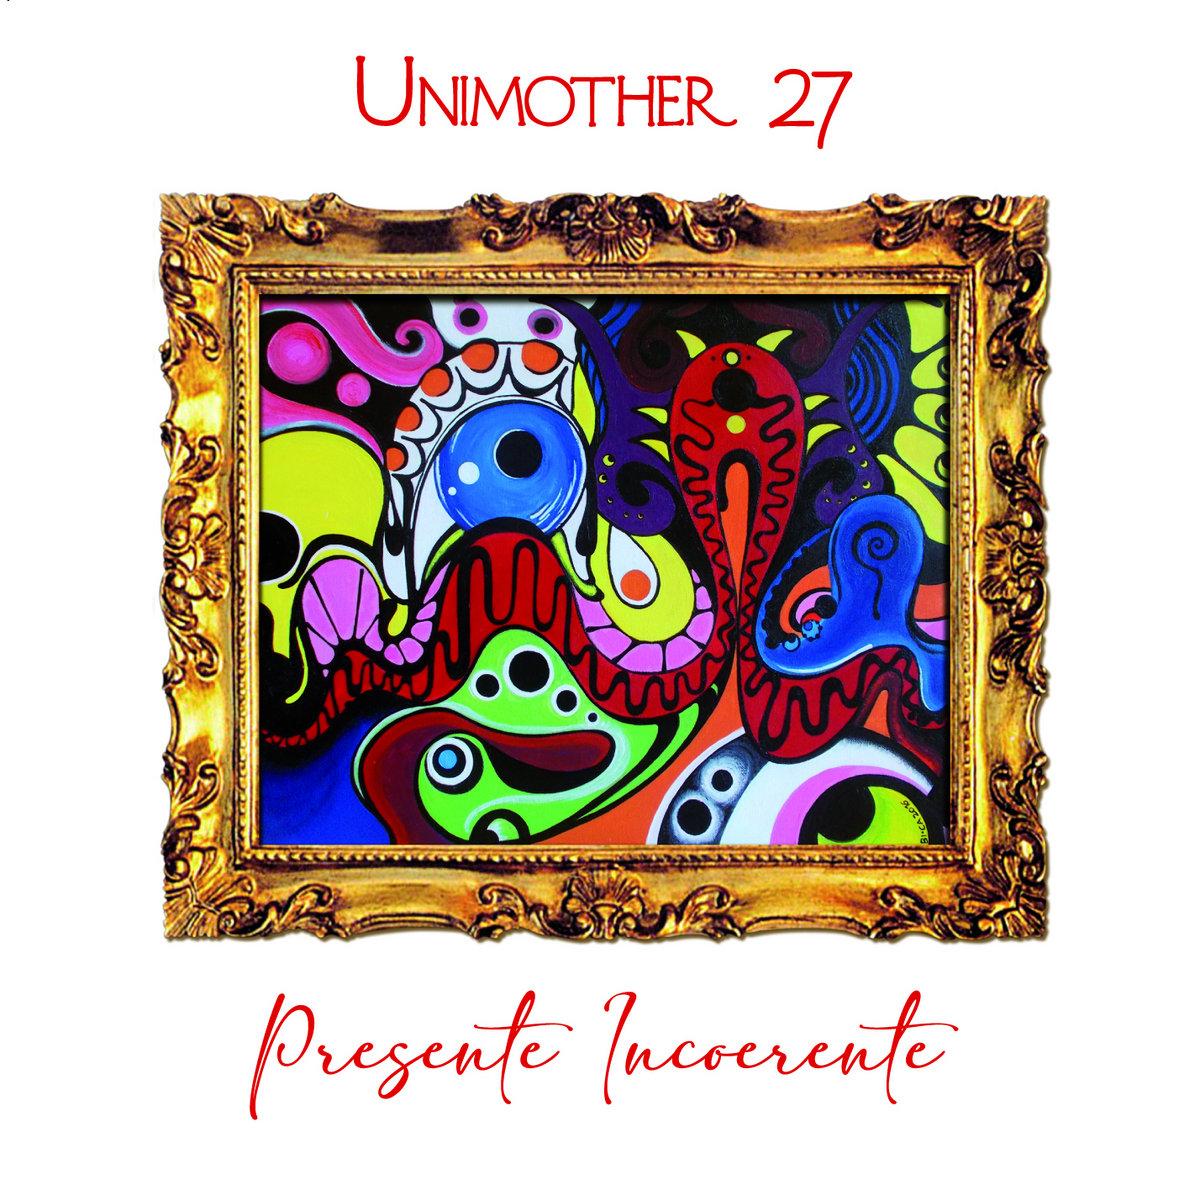 Unimother 27 Presente Incoerente